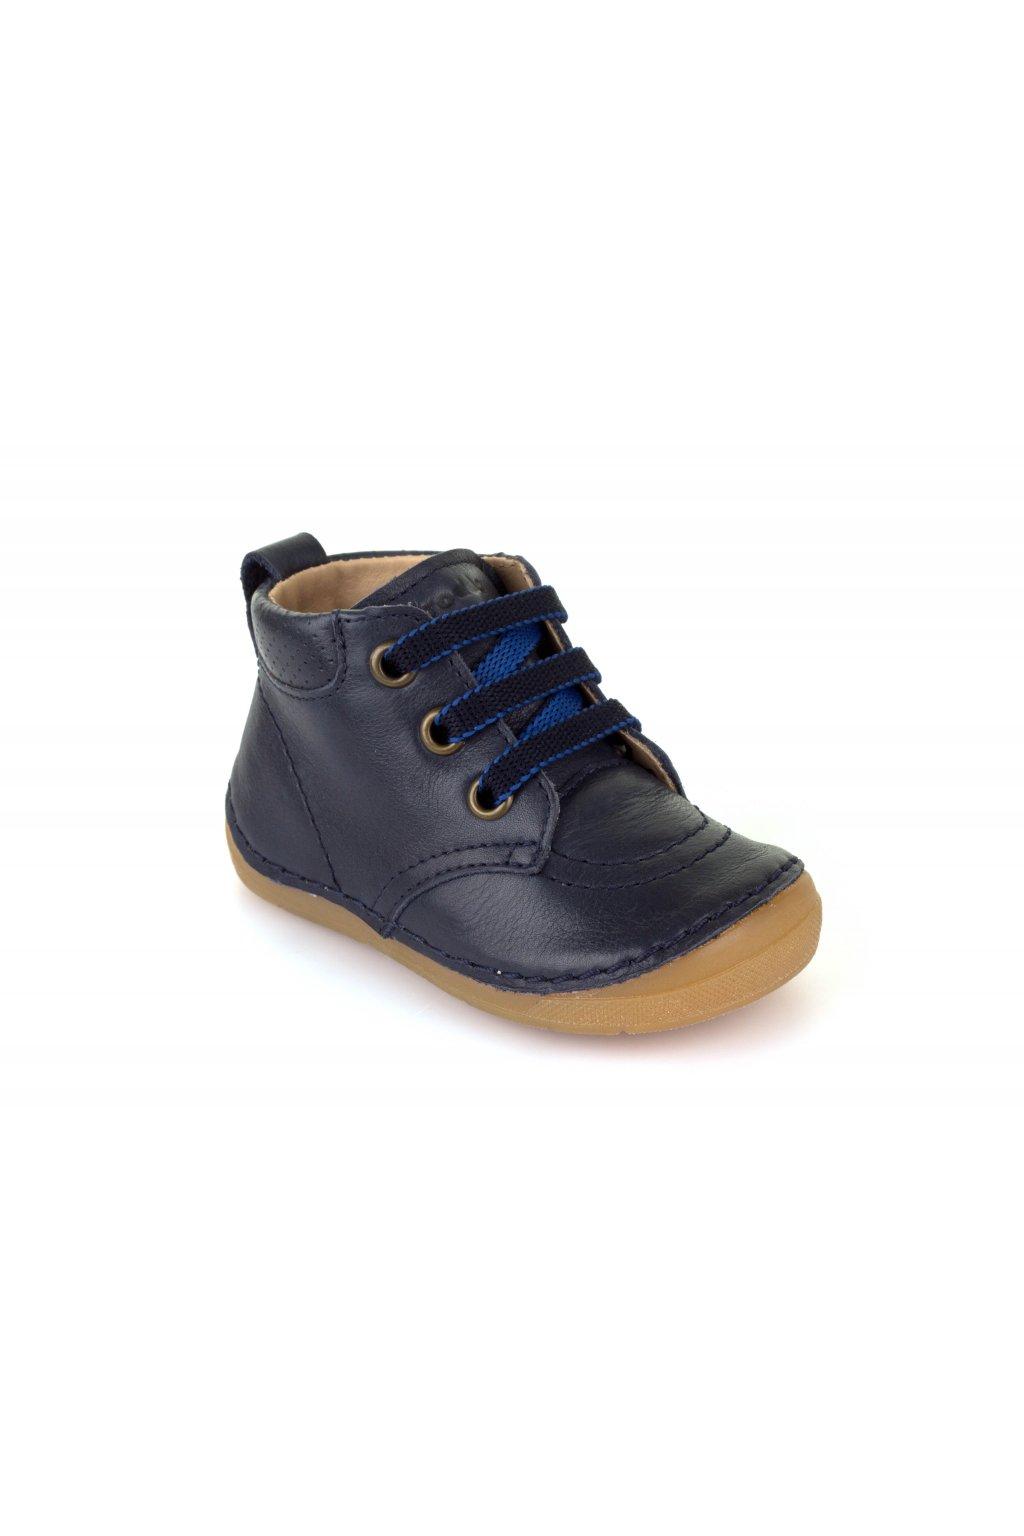 Froddo Shoes Blue šnúrovacie